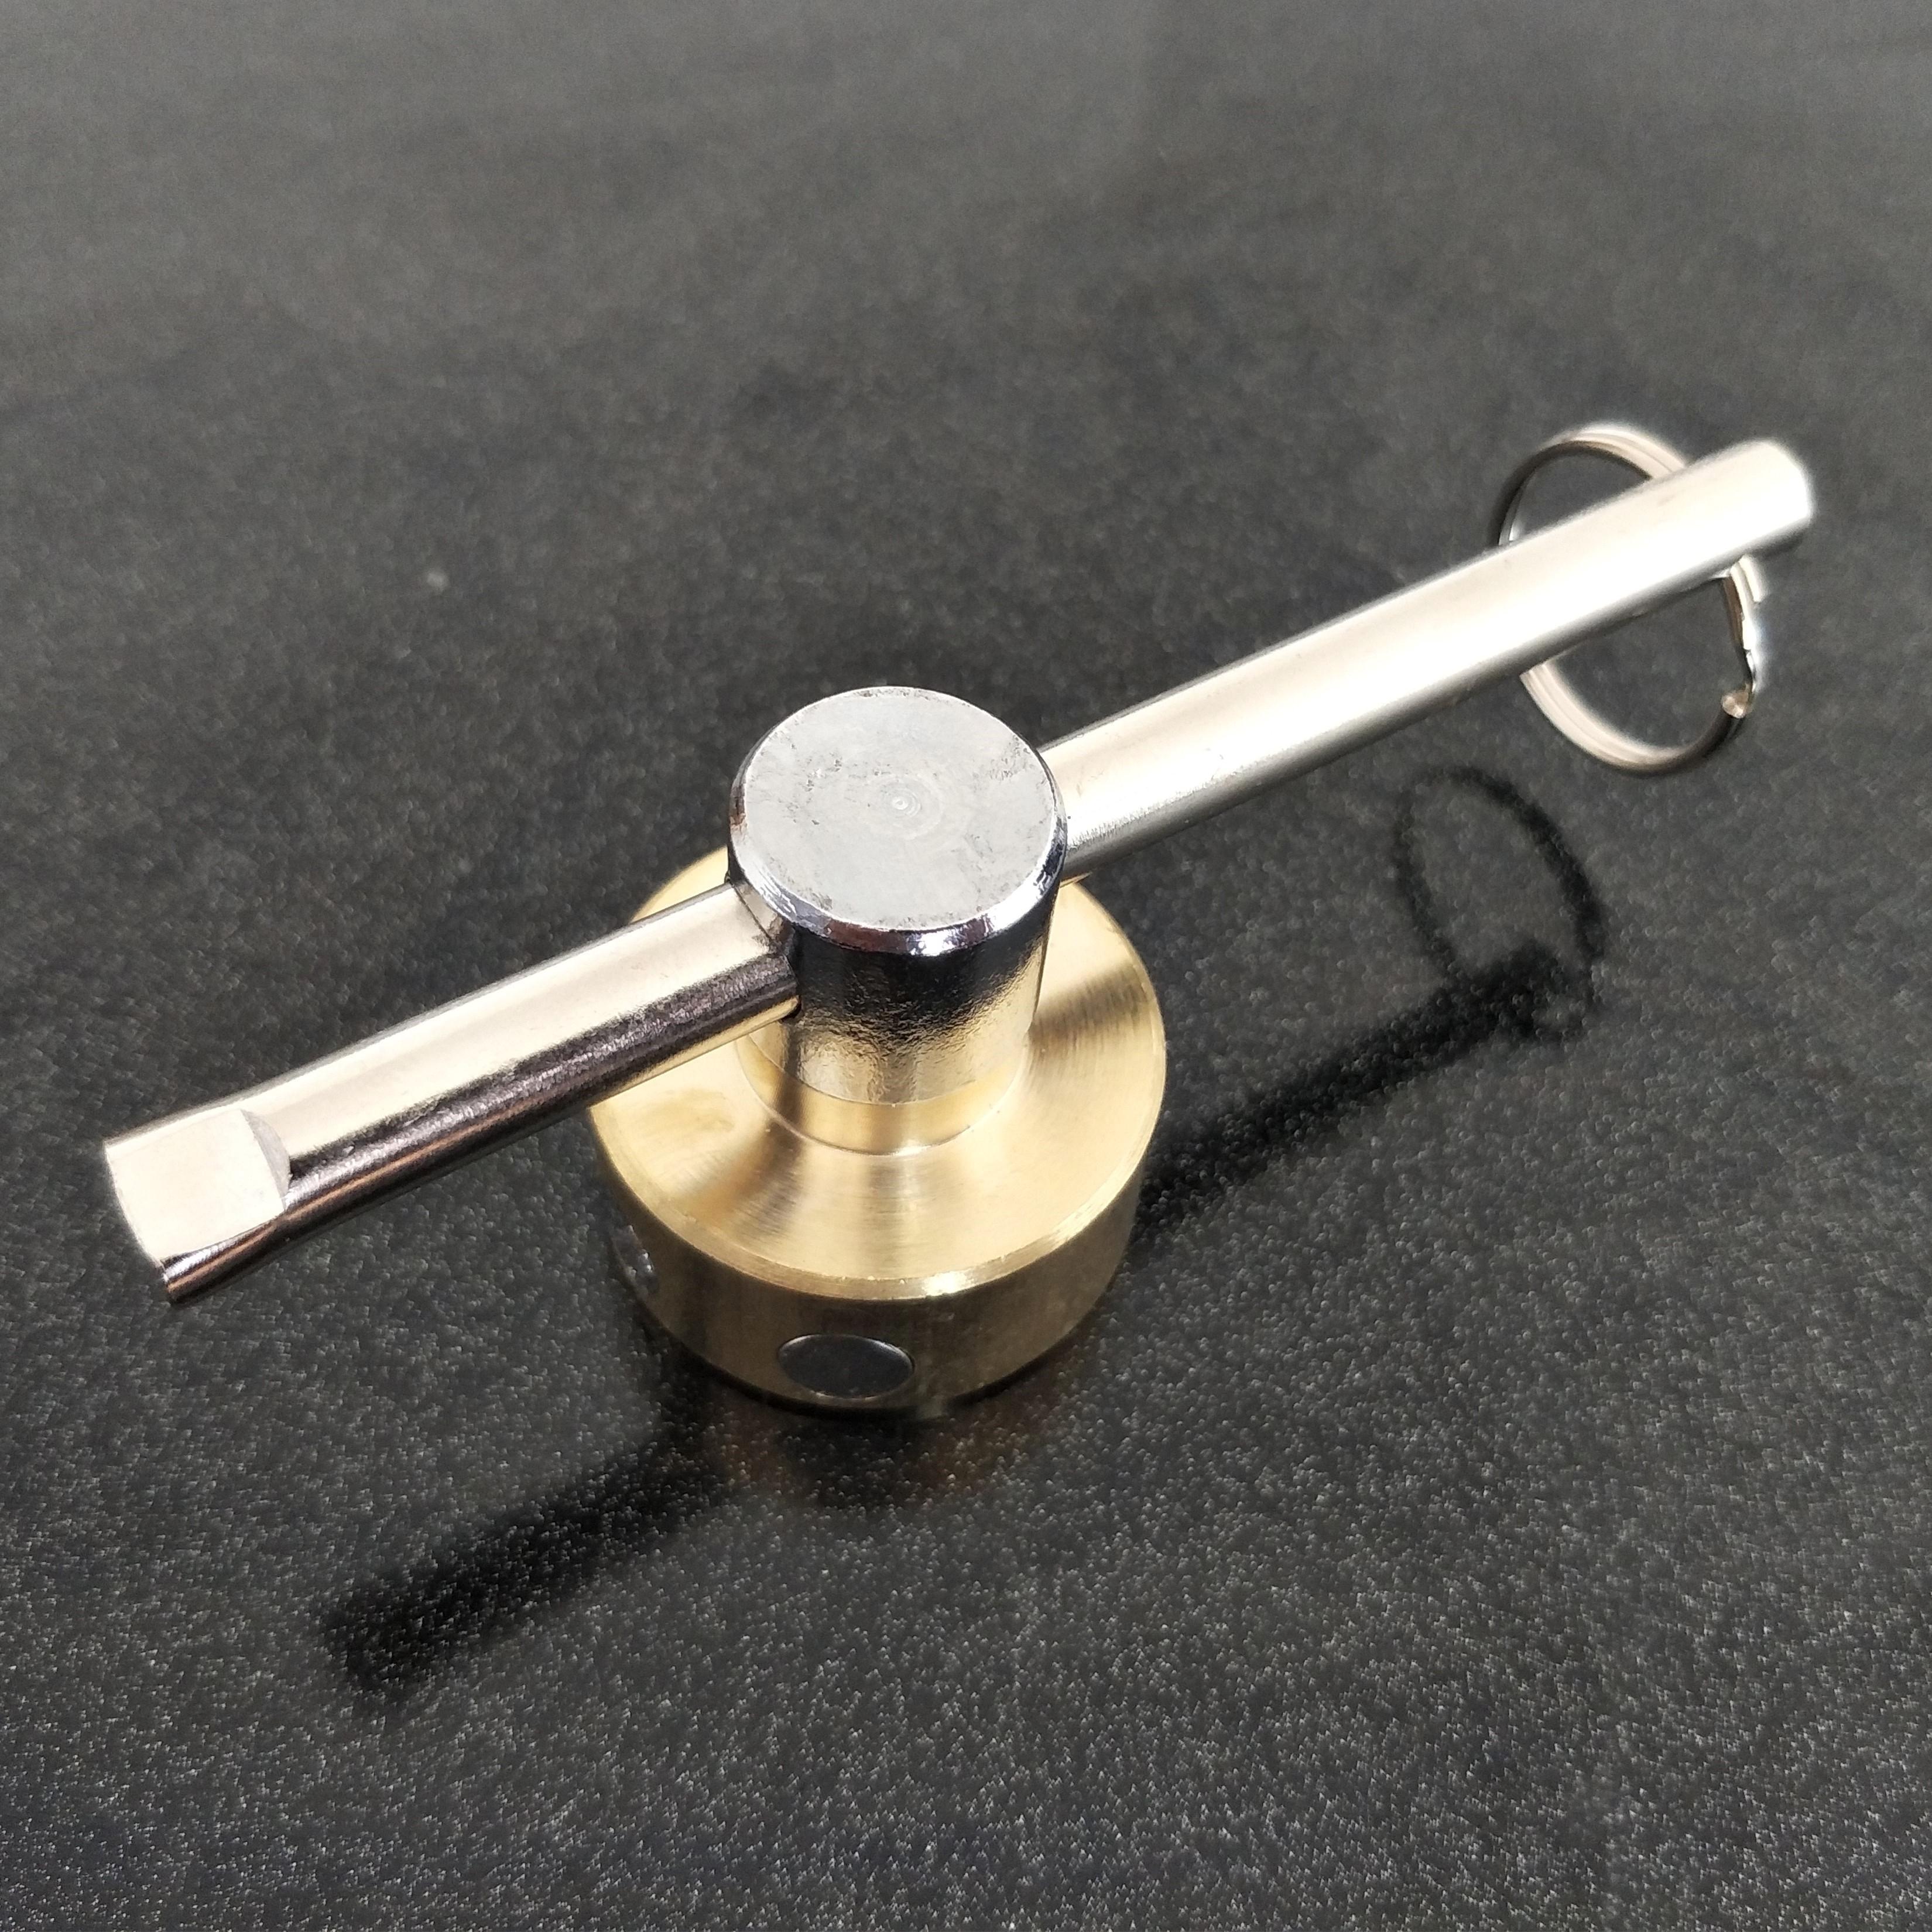 valva de încălzire de apă de la robinet general magnetic. cheile de schimb de căldură cu valva de închidere